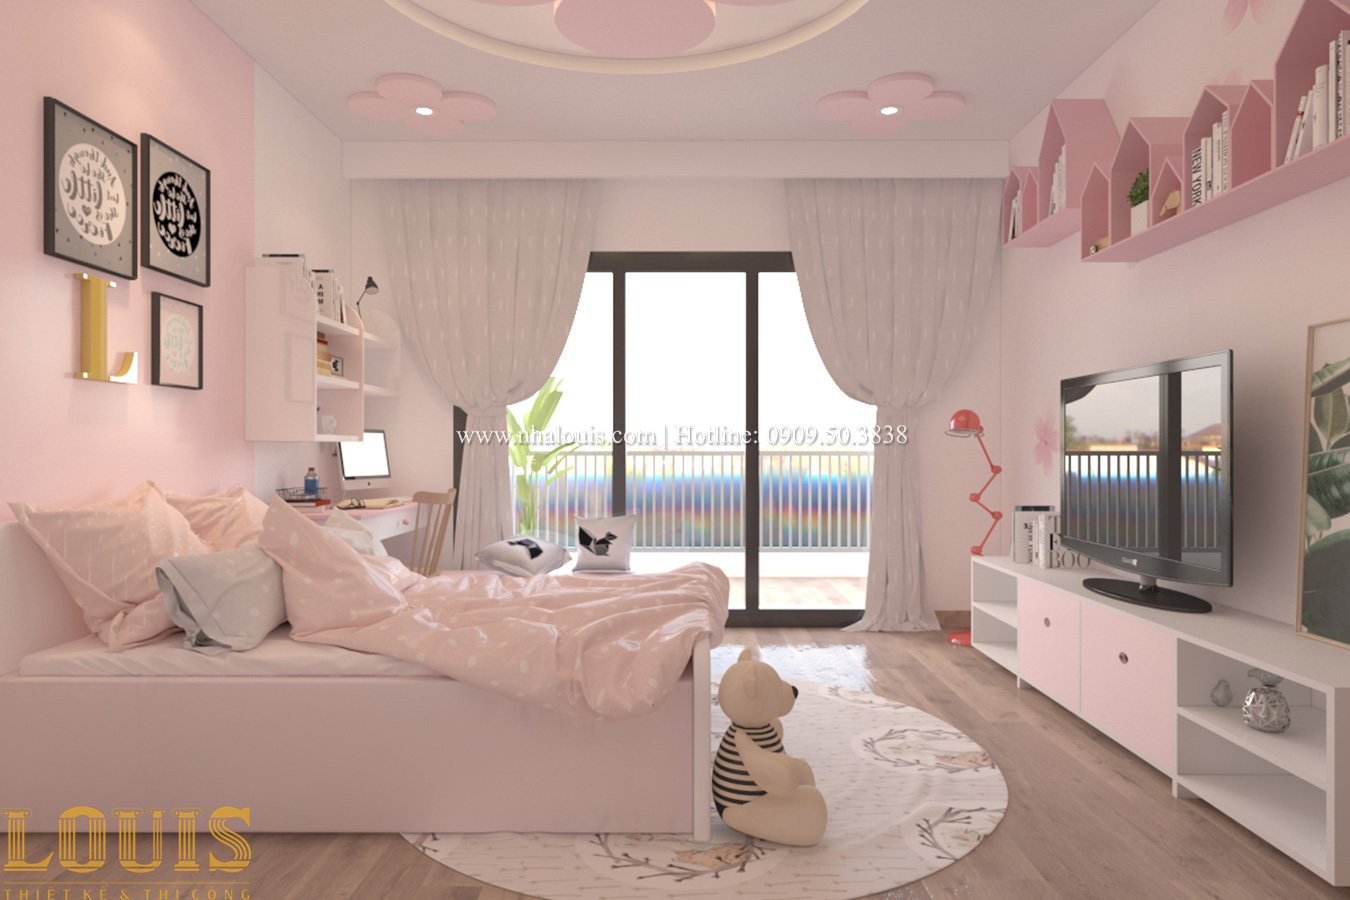 Phòng ngủ Tư vấn thiết kế mẫu nhà đẹp 4x20m hiện đại và sang trọng tại quận 8 - 29